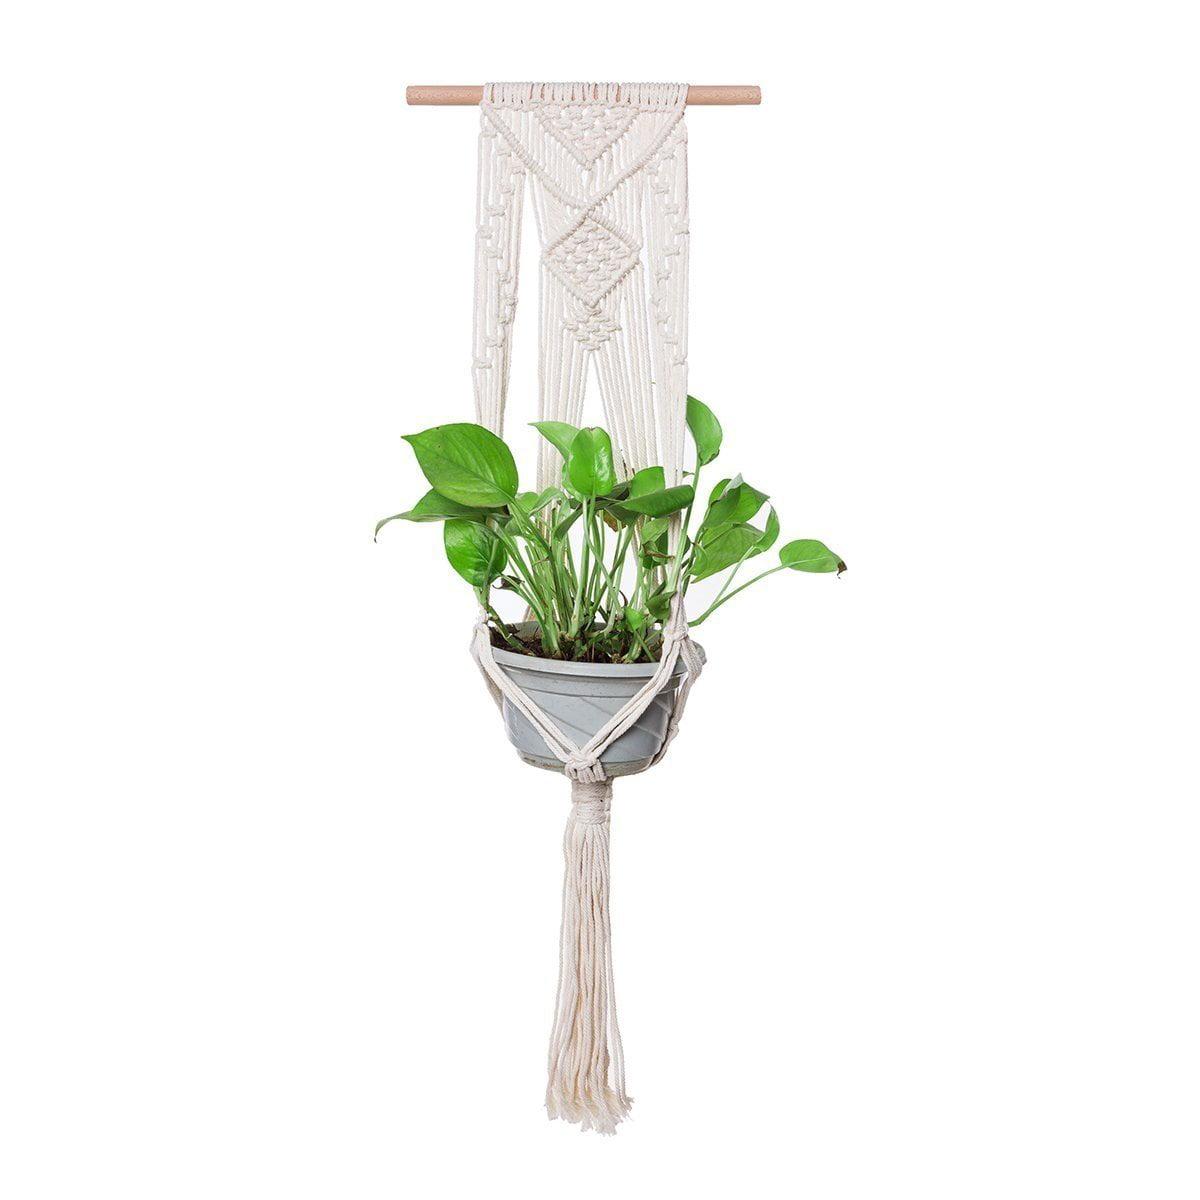 THY COLLECTIBLES Hand-Weaved Macrame Plant Hanger Indoor Outdoor Hanging...